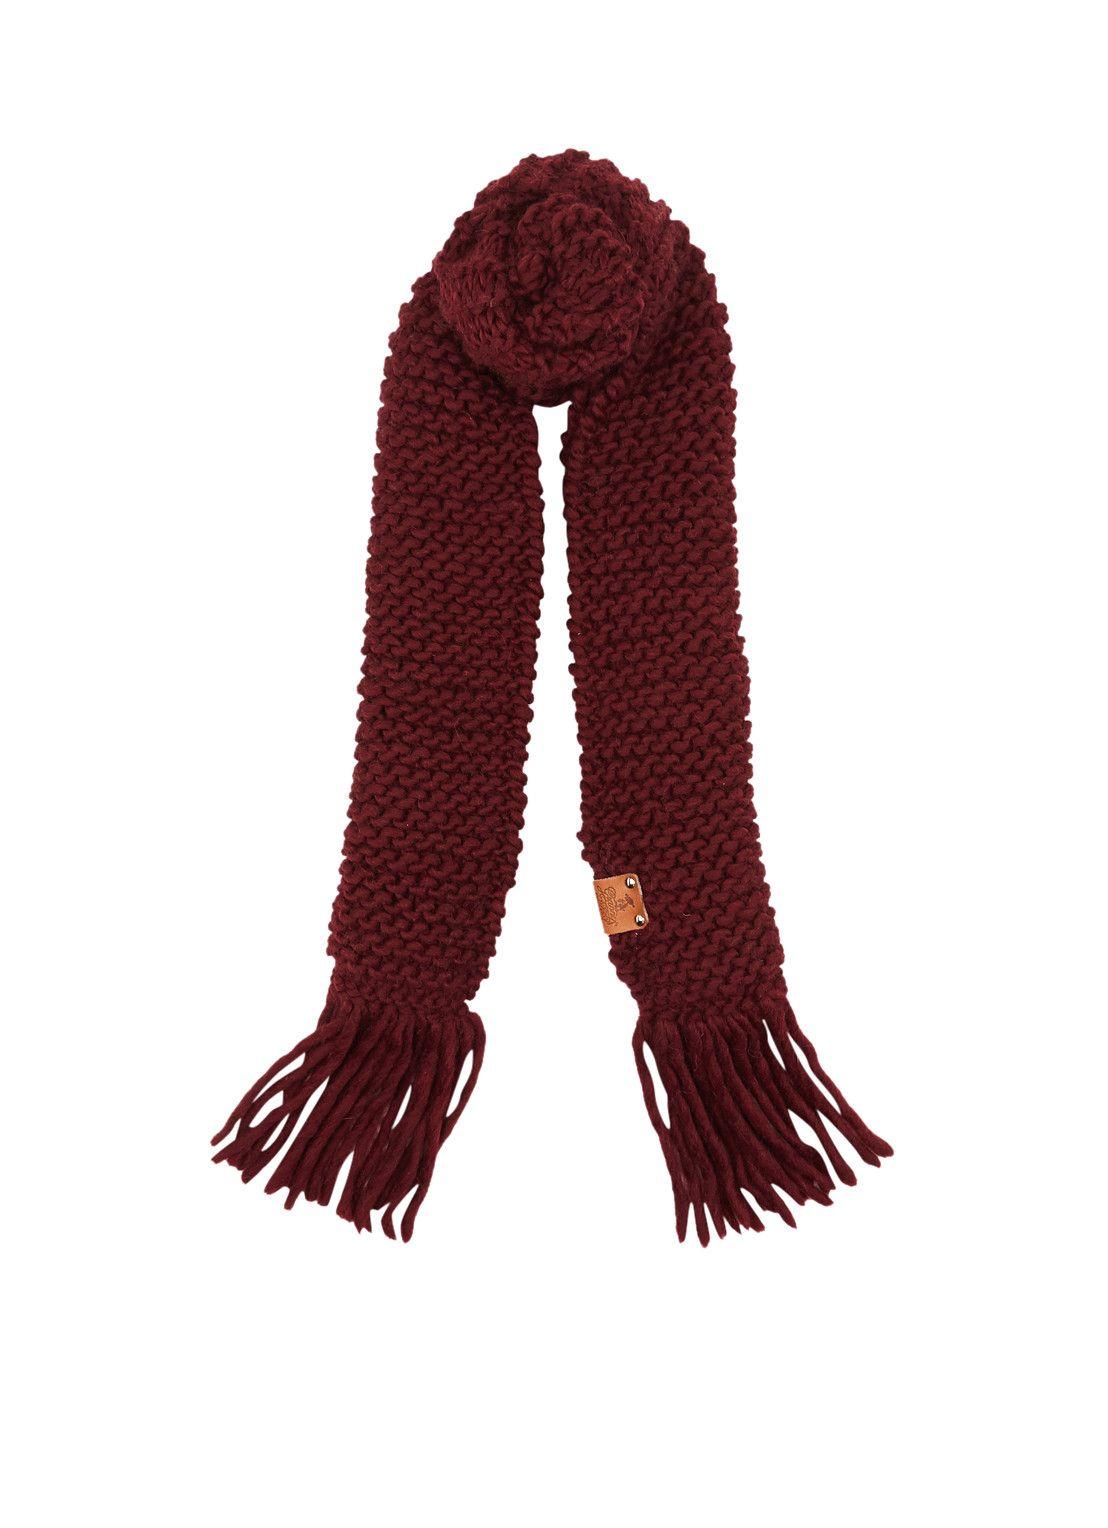 Granny's Finest Willy lange sjaal van wol 160 x 20 cm • de Bijenkorf